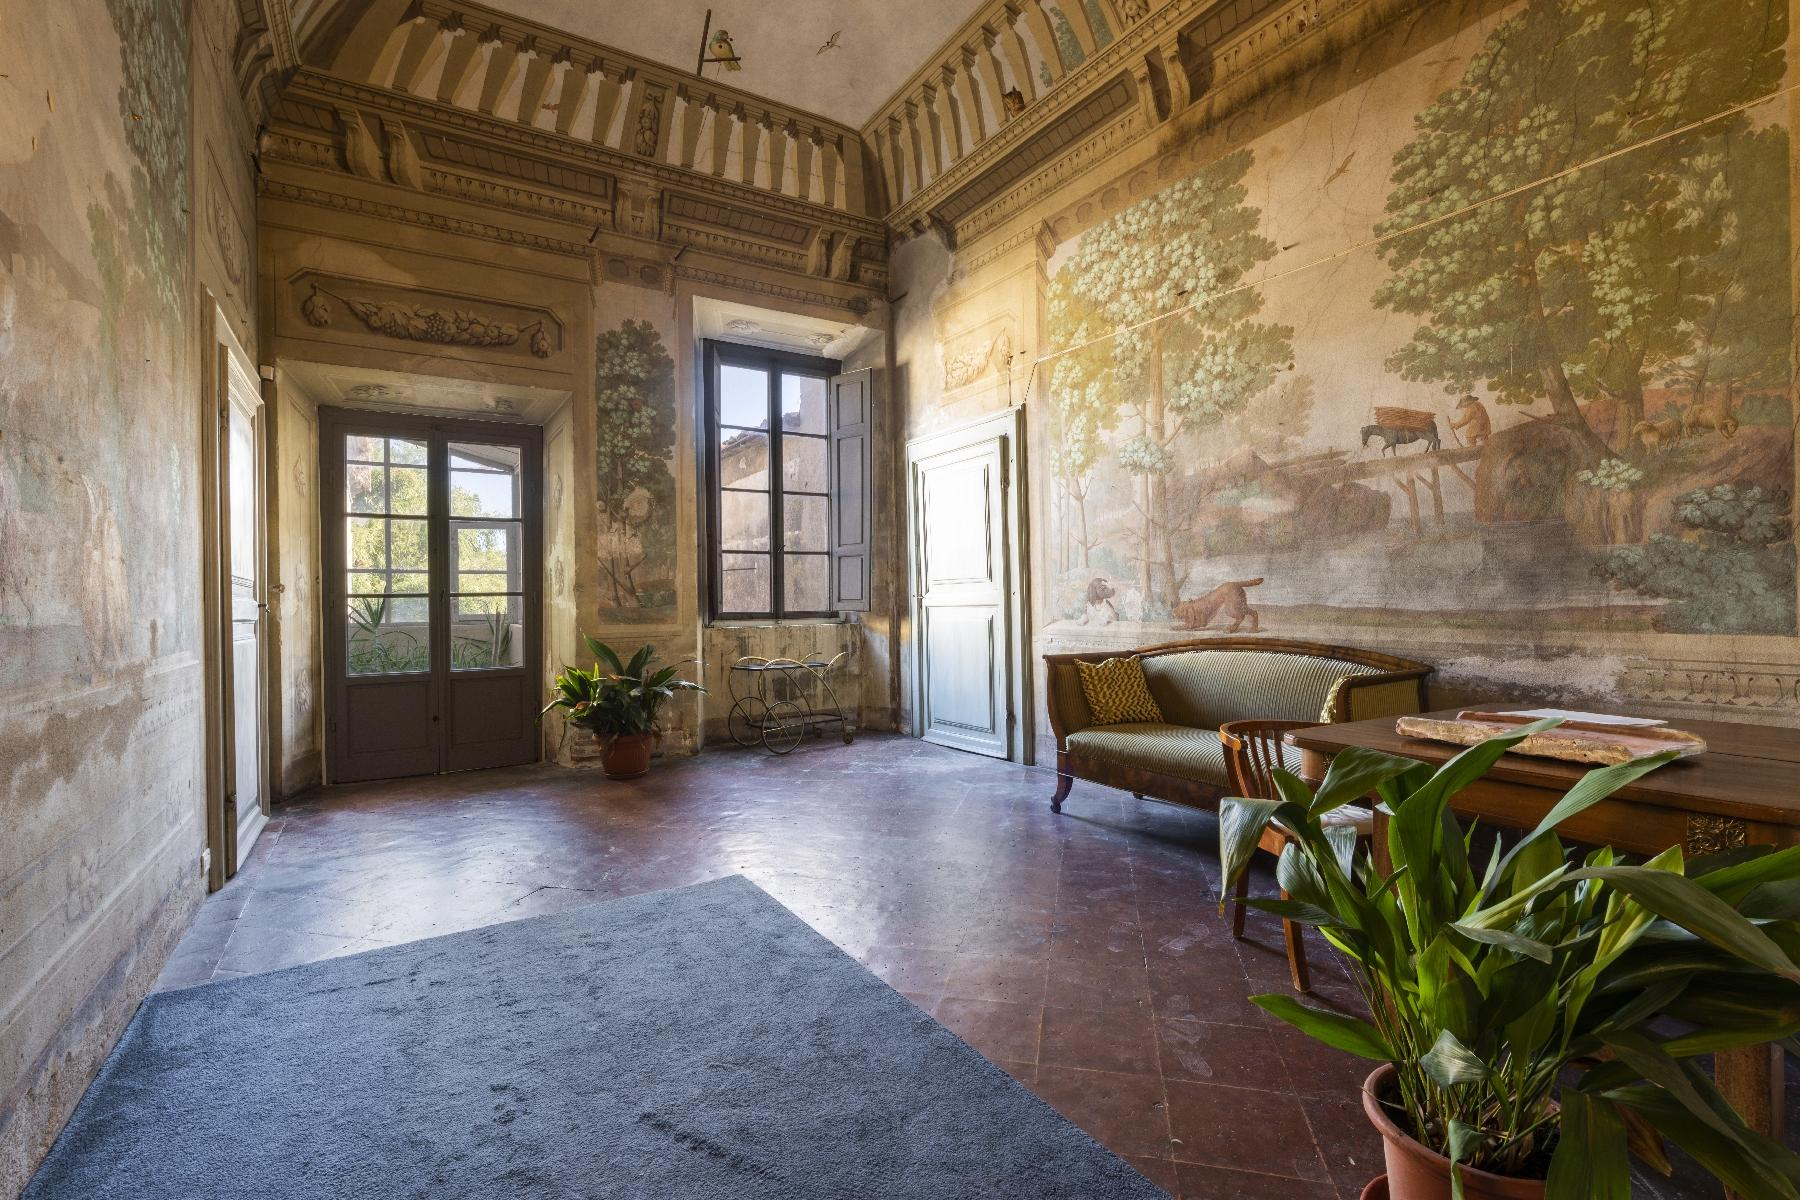 Splendida villa del 700 nel cuore della Toscana - 2